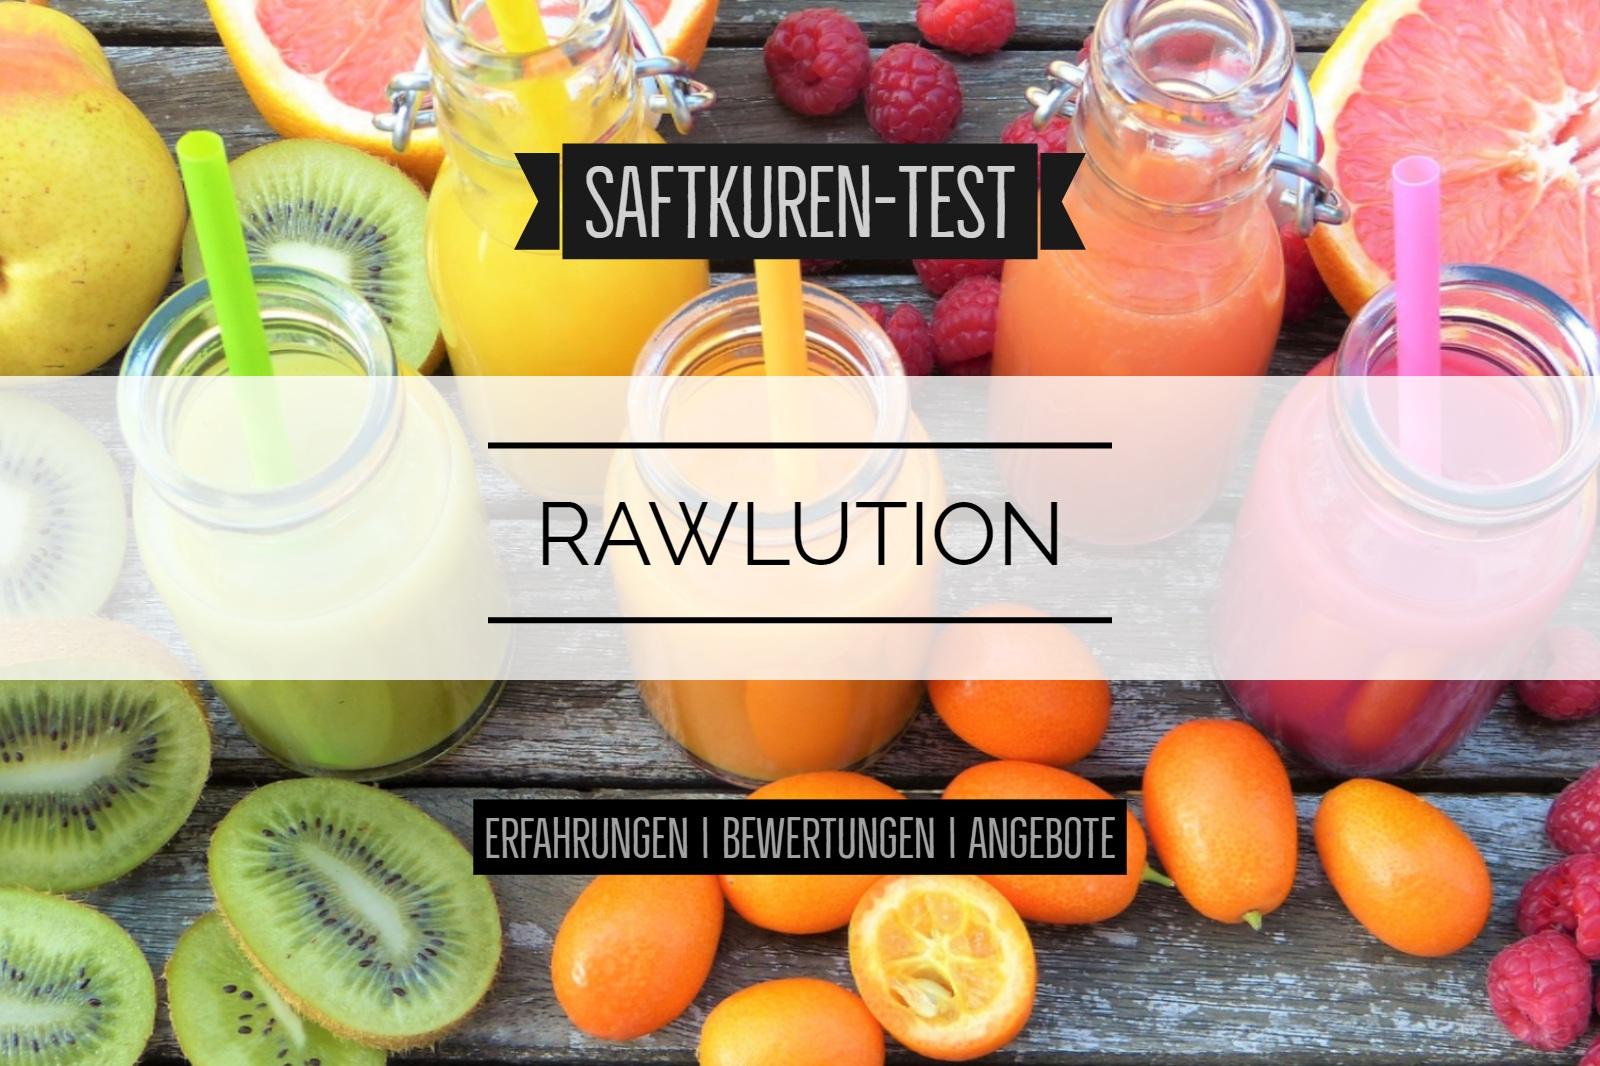 Test Und Erfahrungen Saftkur Von Rawlution Juicy24 Saftkuren